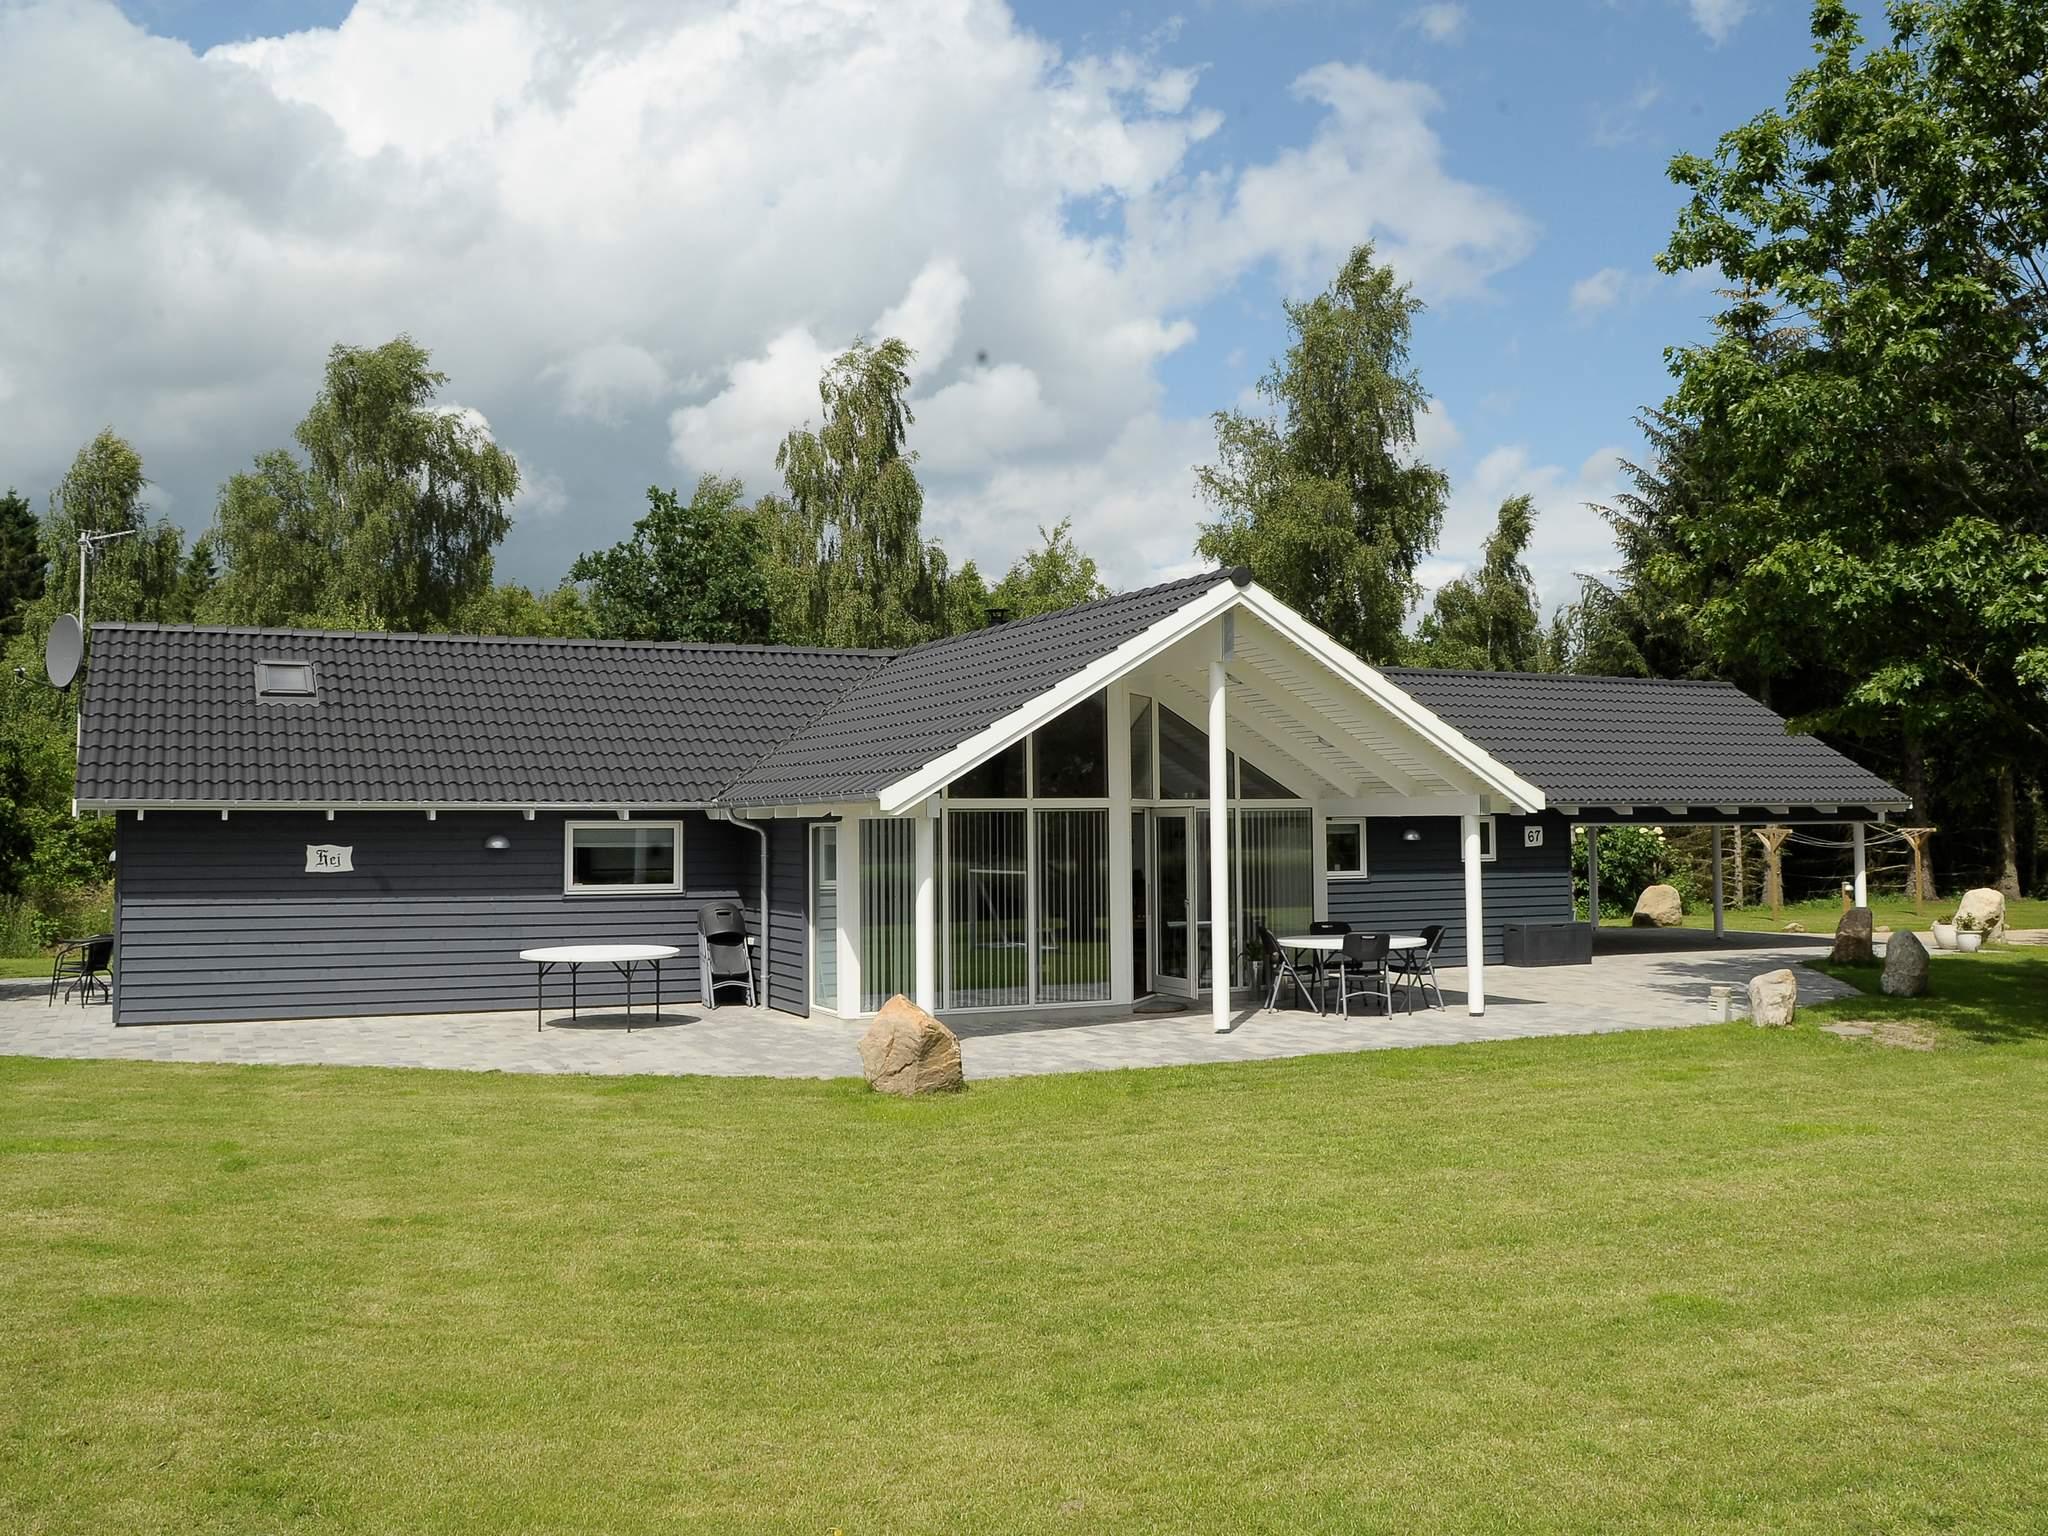 Ferienhaus Silkeborg (490433), Silkeborg, , Ostjütland, Dänemark, Bild 1